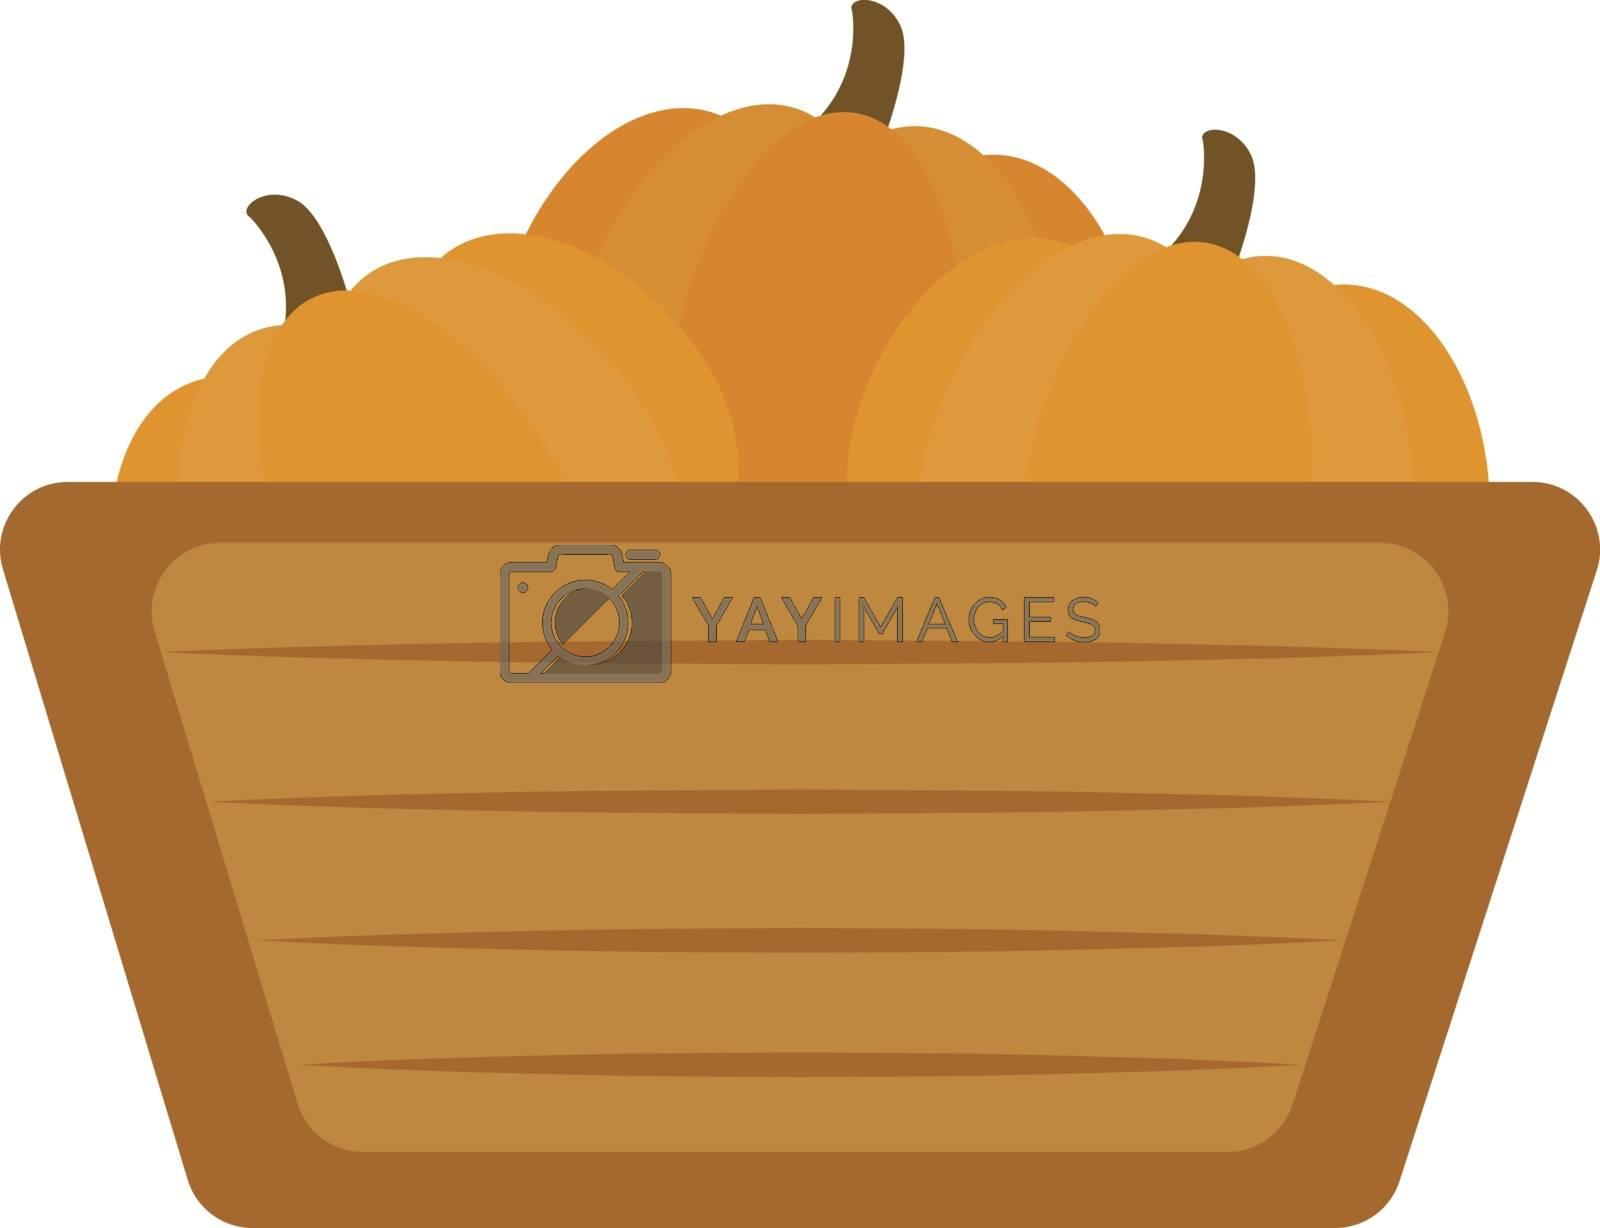 Pumpkins in basket, illustration, vector on white background.